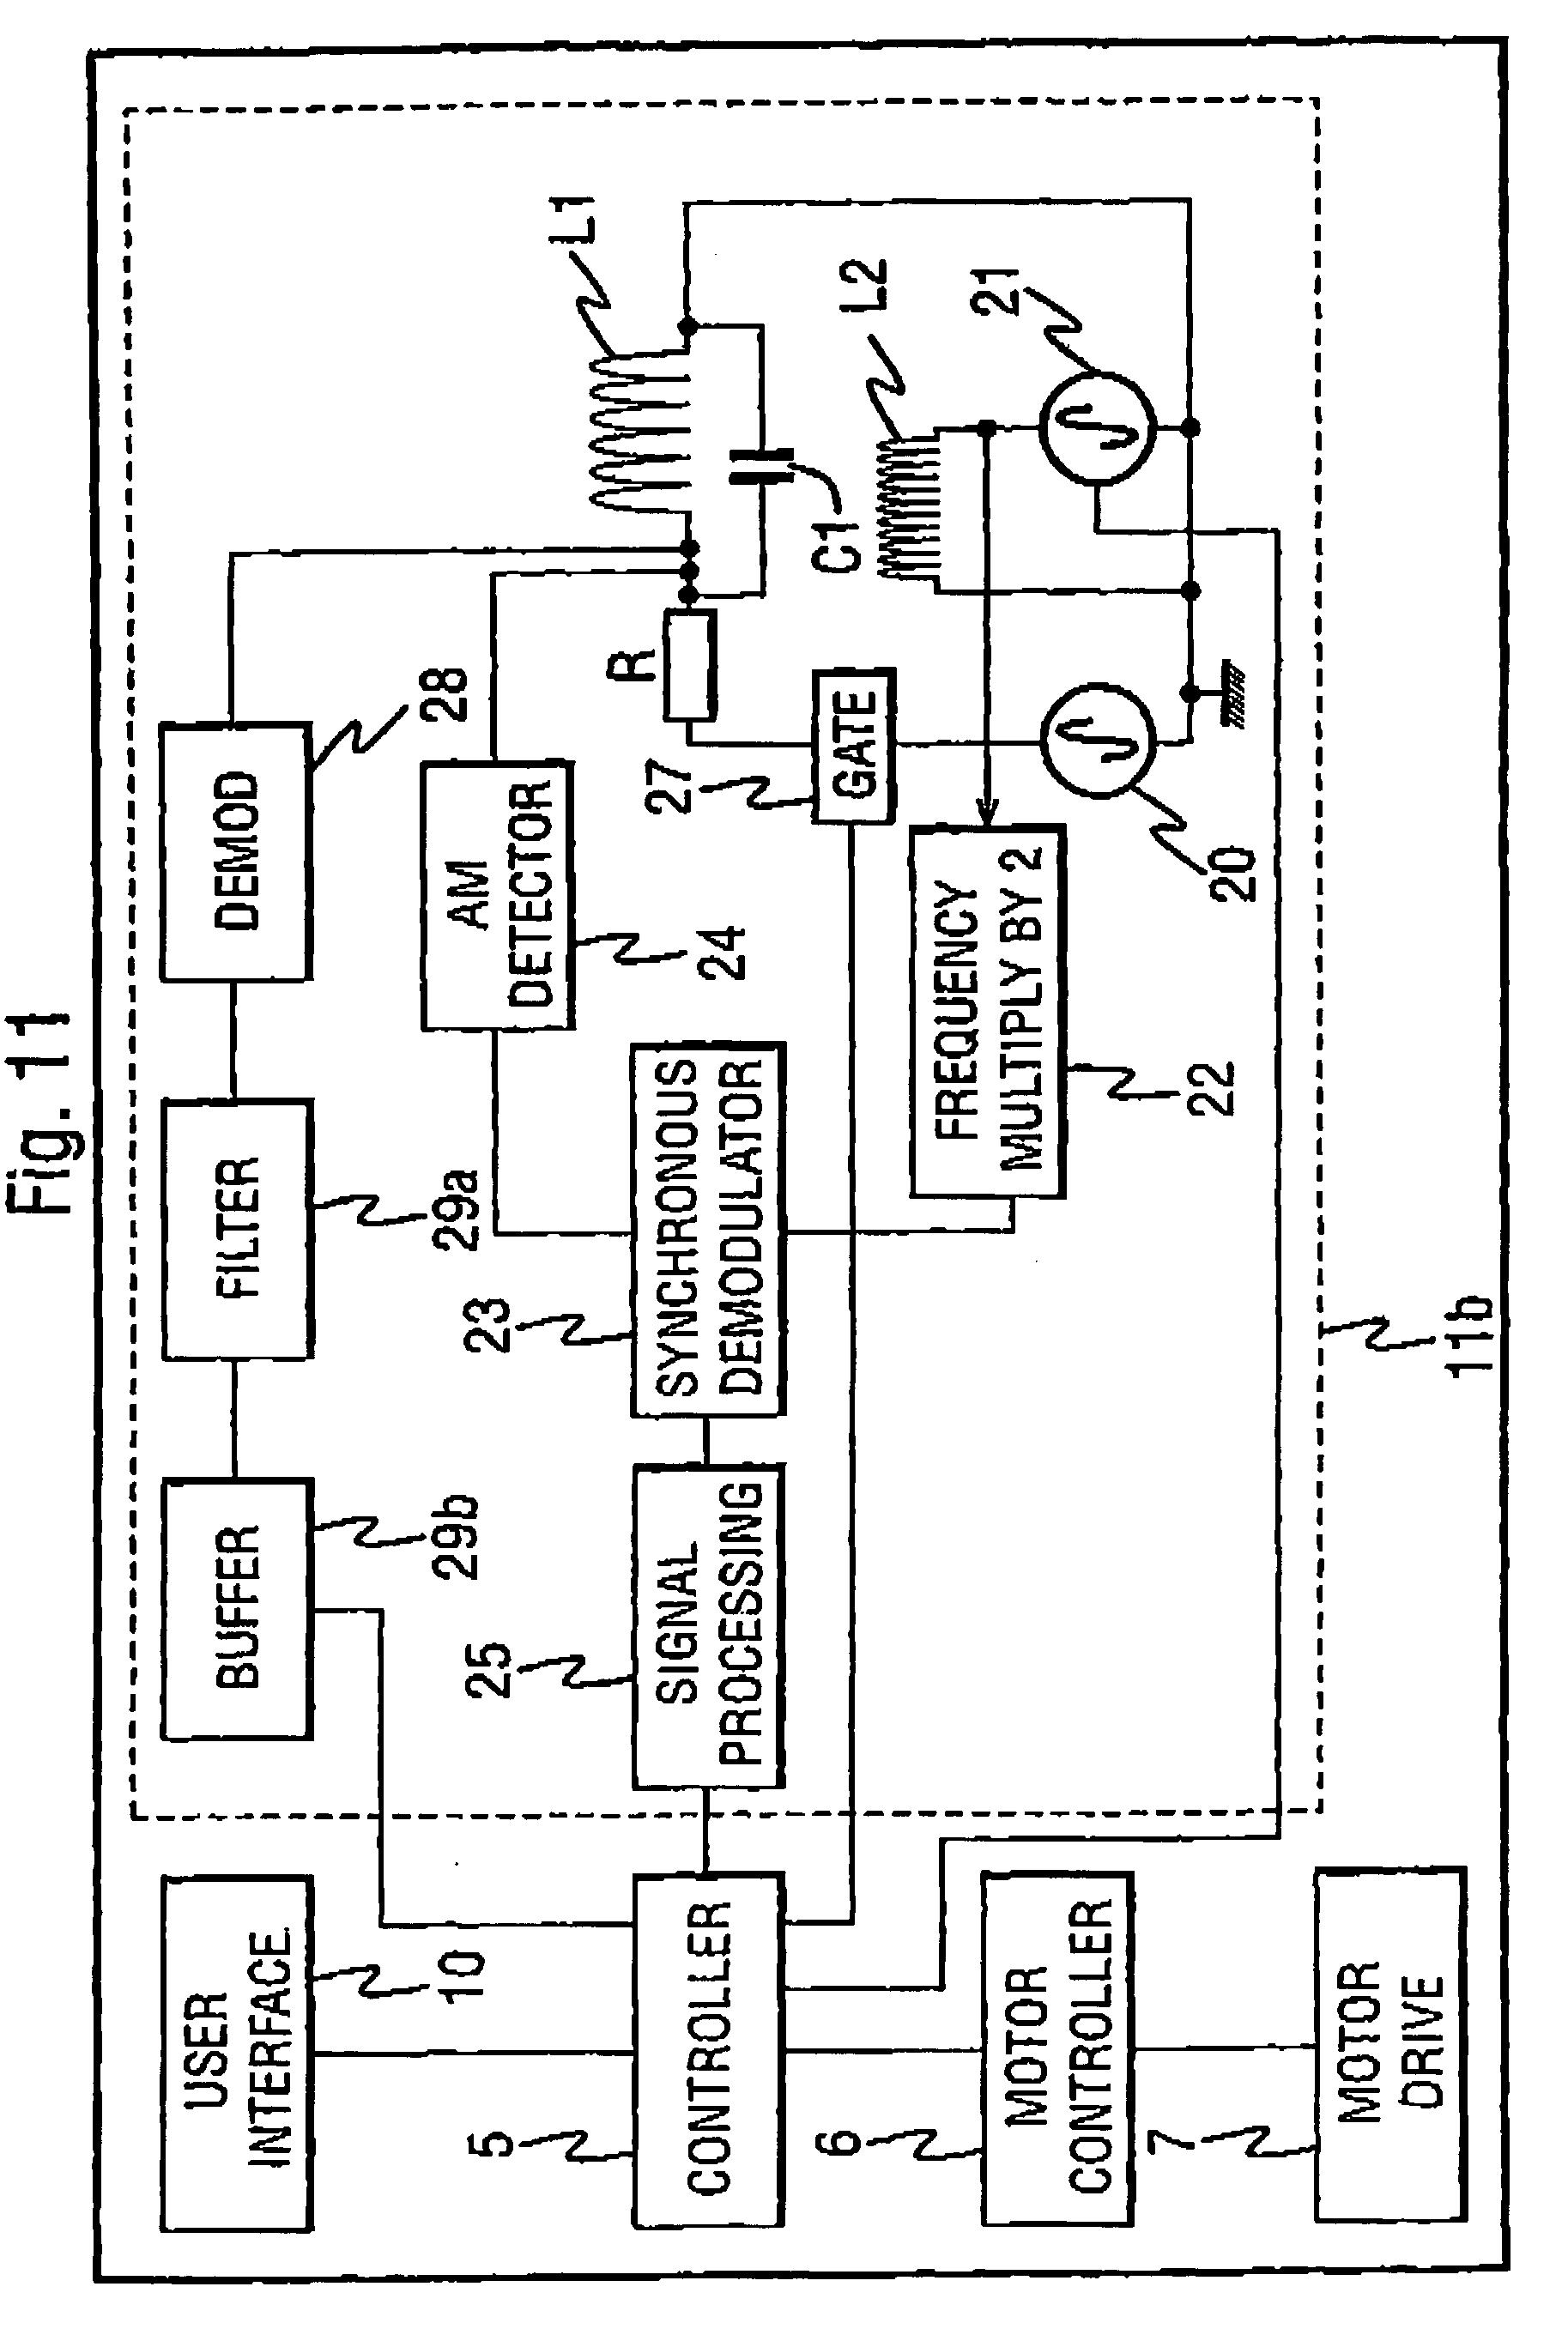 patentimages.storage.googleapis.com/US7469838B2/US...